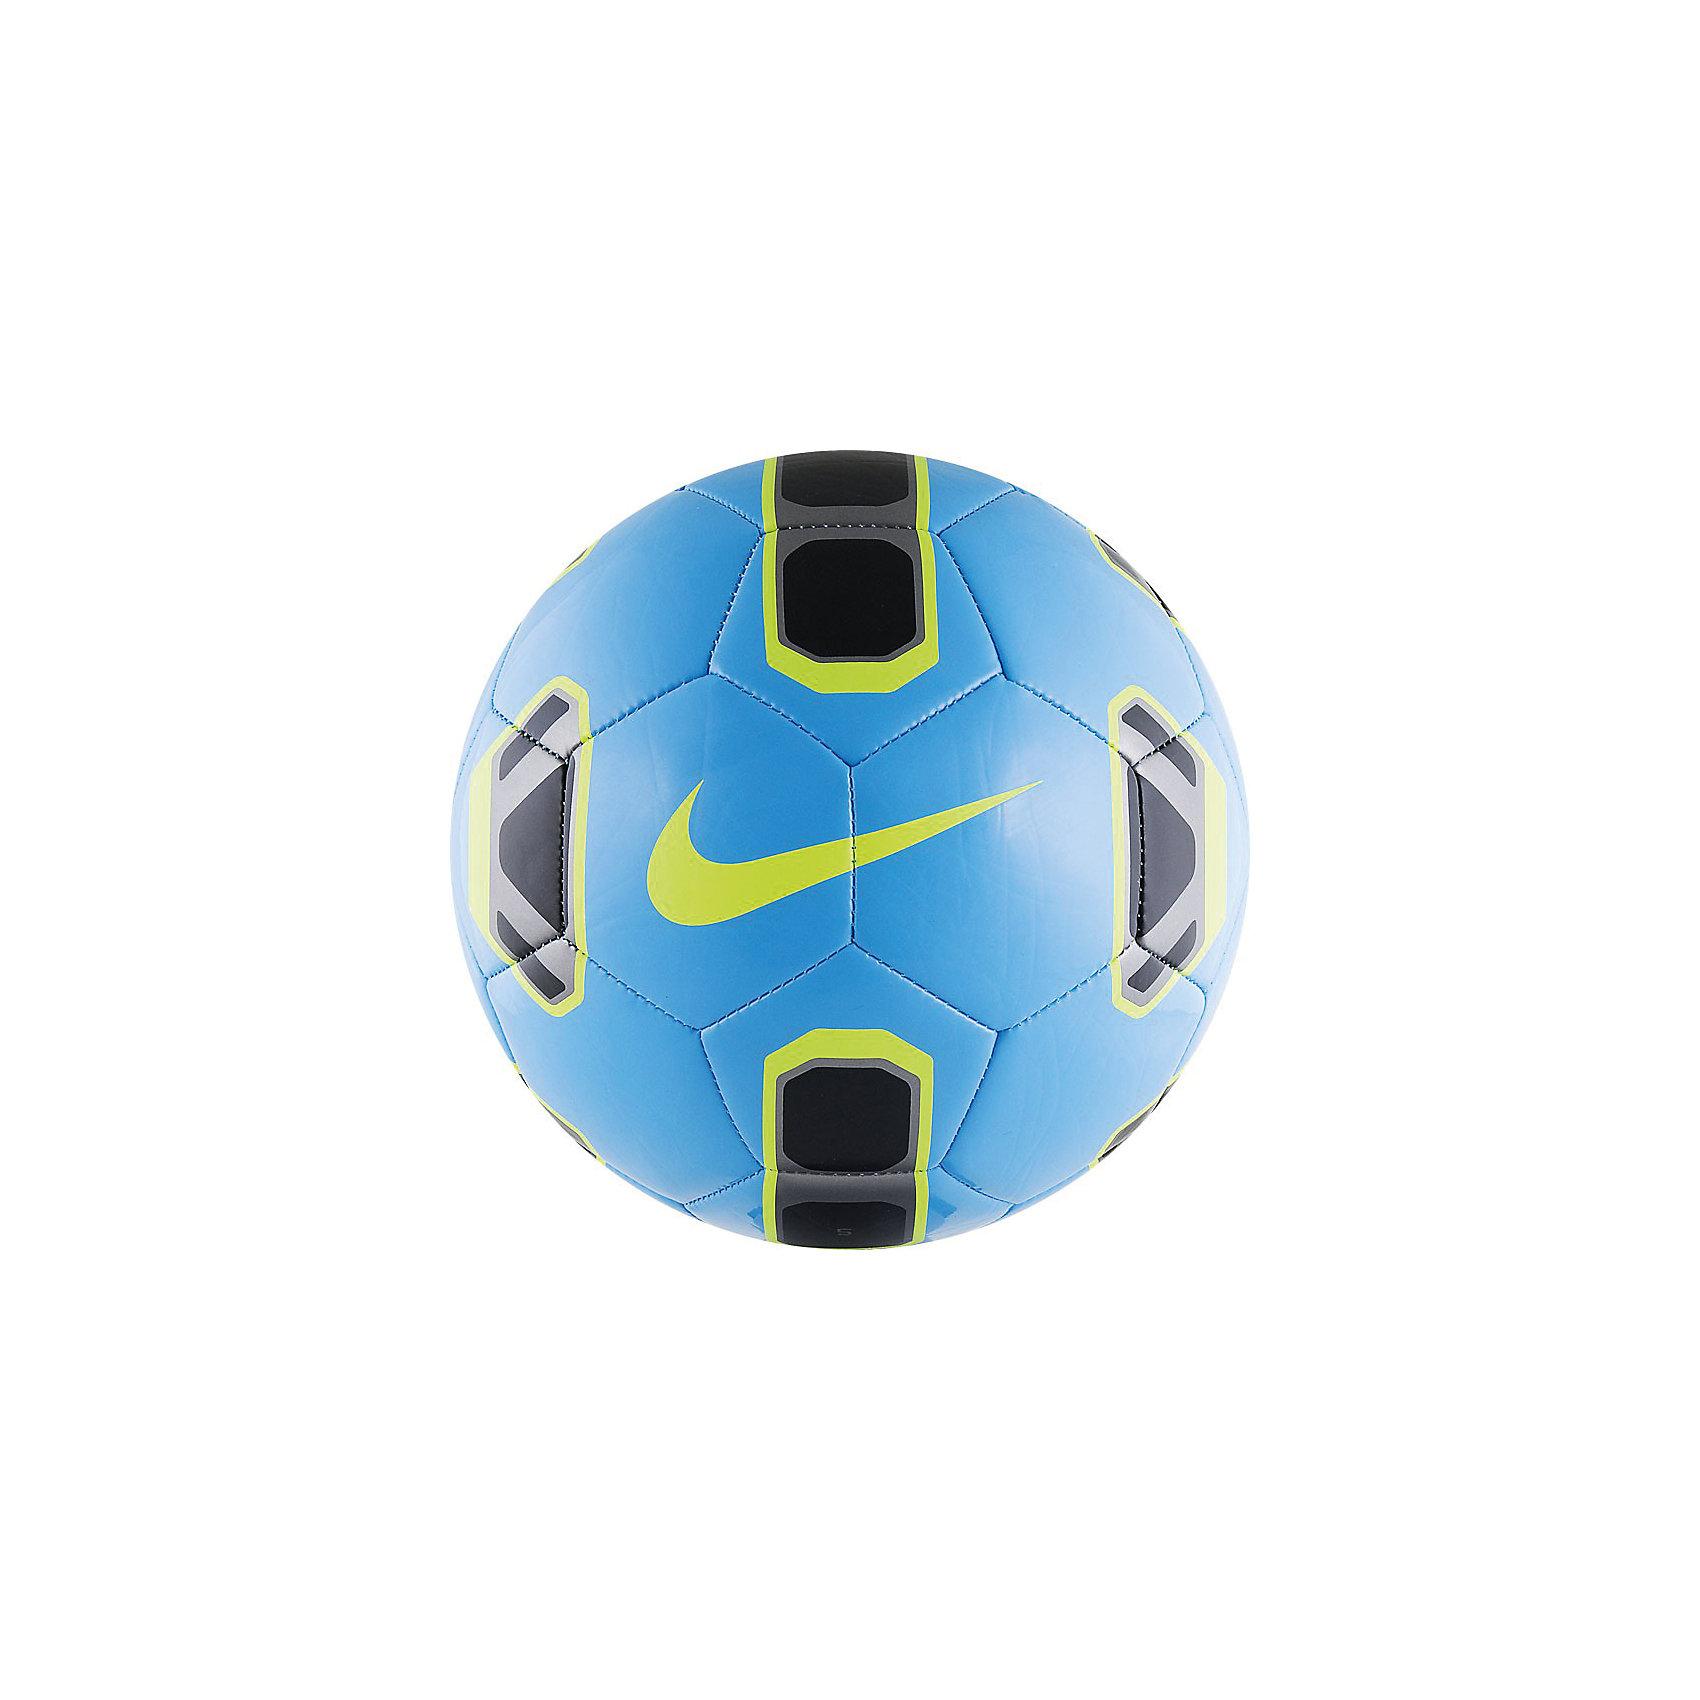 Мяч футбольный Stadium р.5, NIKEМячи детские<br><br><br>Ширина мм: 75<br>Глубина мм: 220<br>Высота мм: 220<br>Вес г: 430<br>Возраст от месяцев: 36<br>Возраст до месяцев: 2147483647<br>Пол: Унисекс<br>Возраст: Детский<br>SKU: 5574437